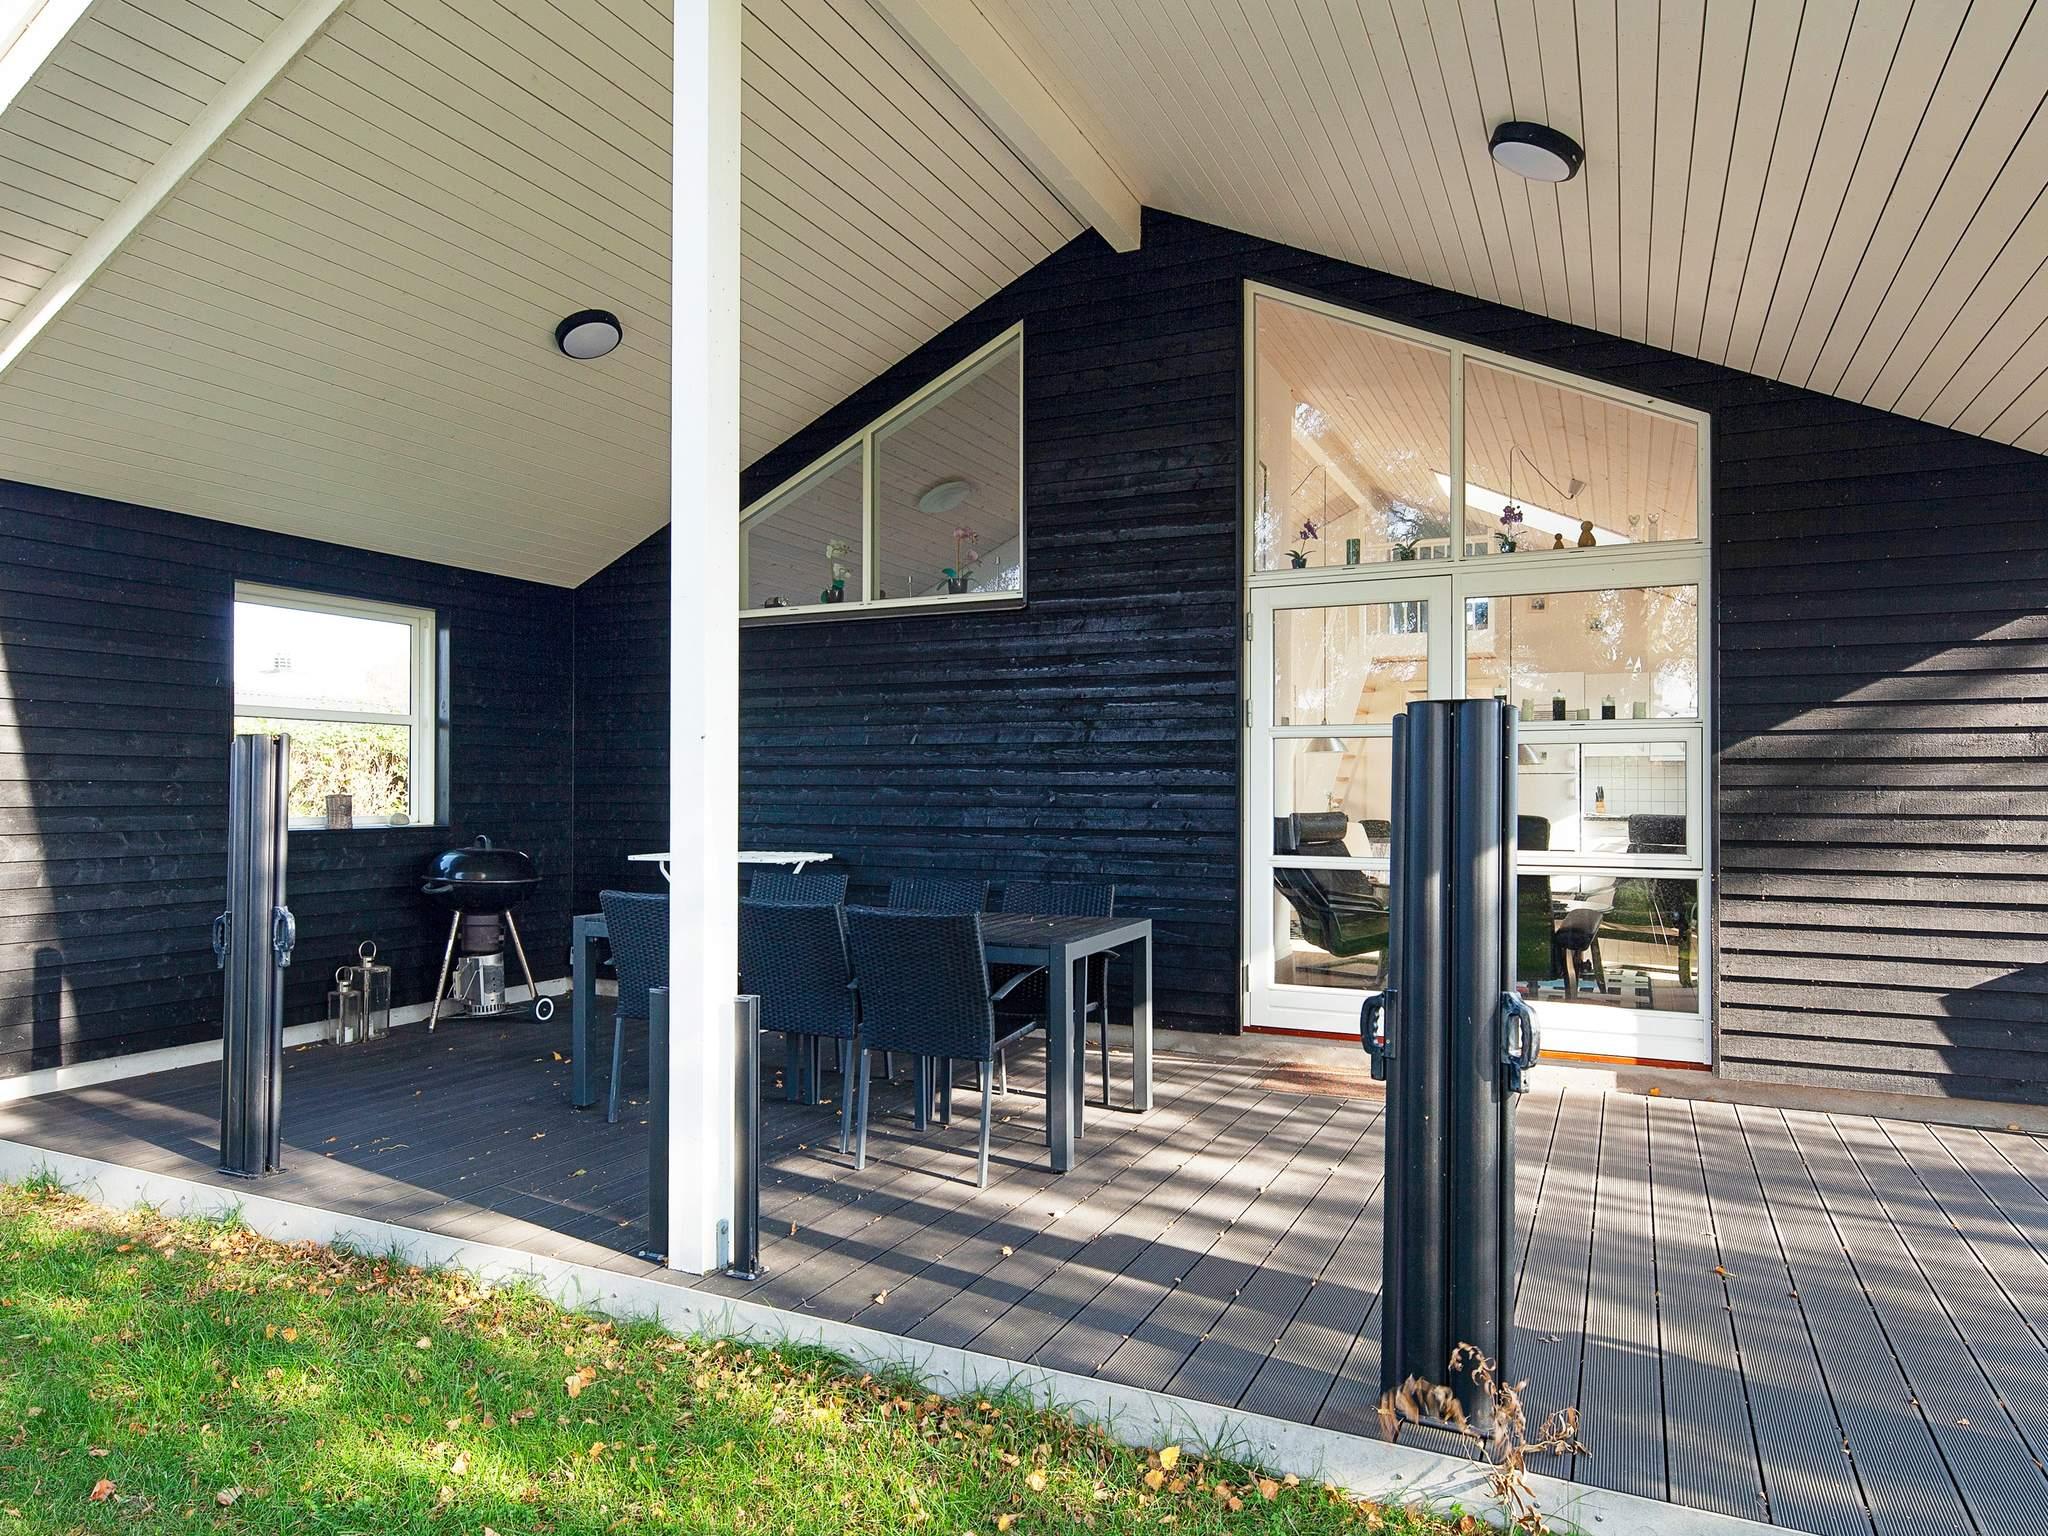 Ferienhaus Enø (2523852), Karrebæksminde, , Südseeland, Dänemark, Bild 13